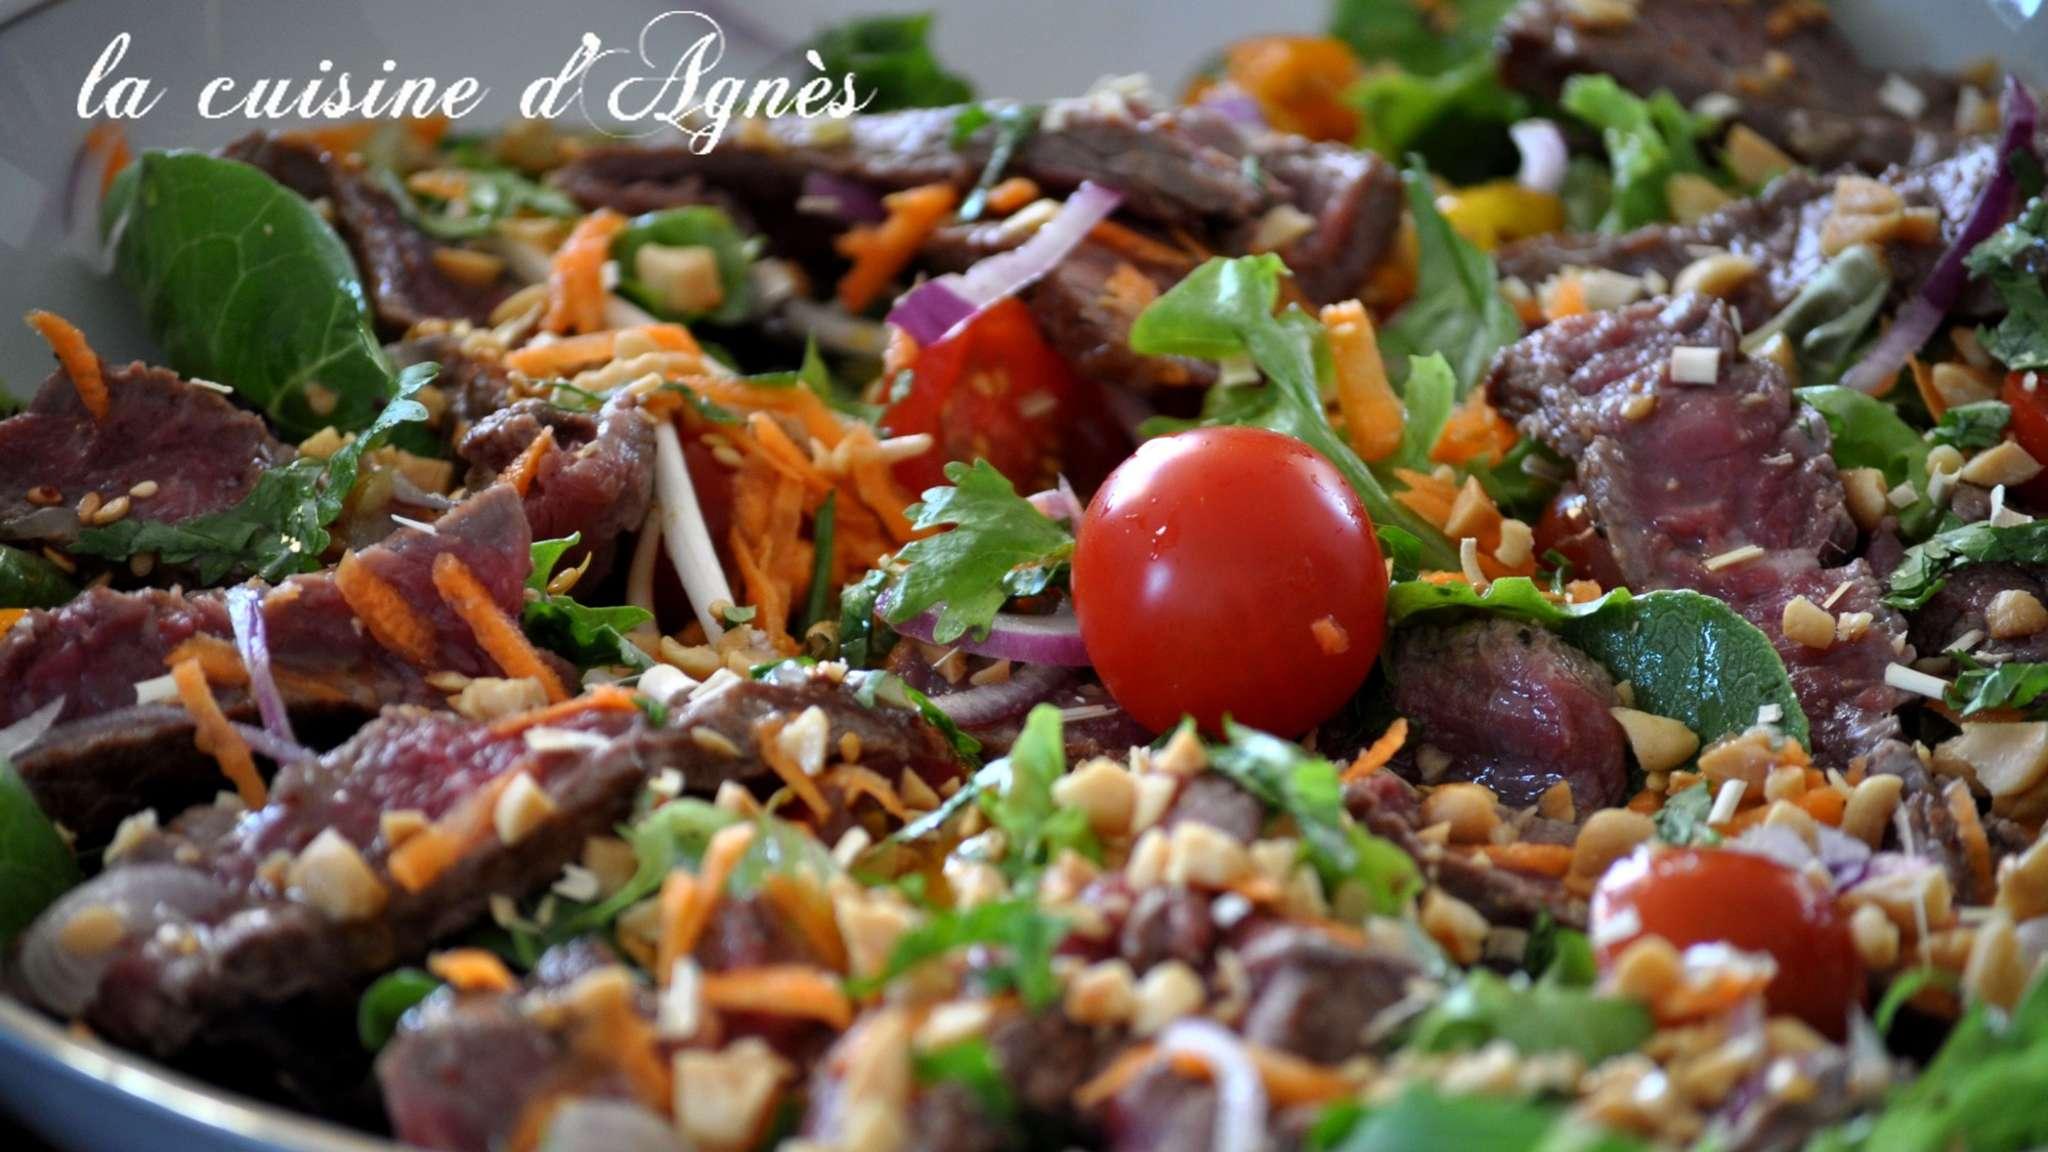 salade épicée au boeuf grillé